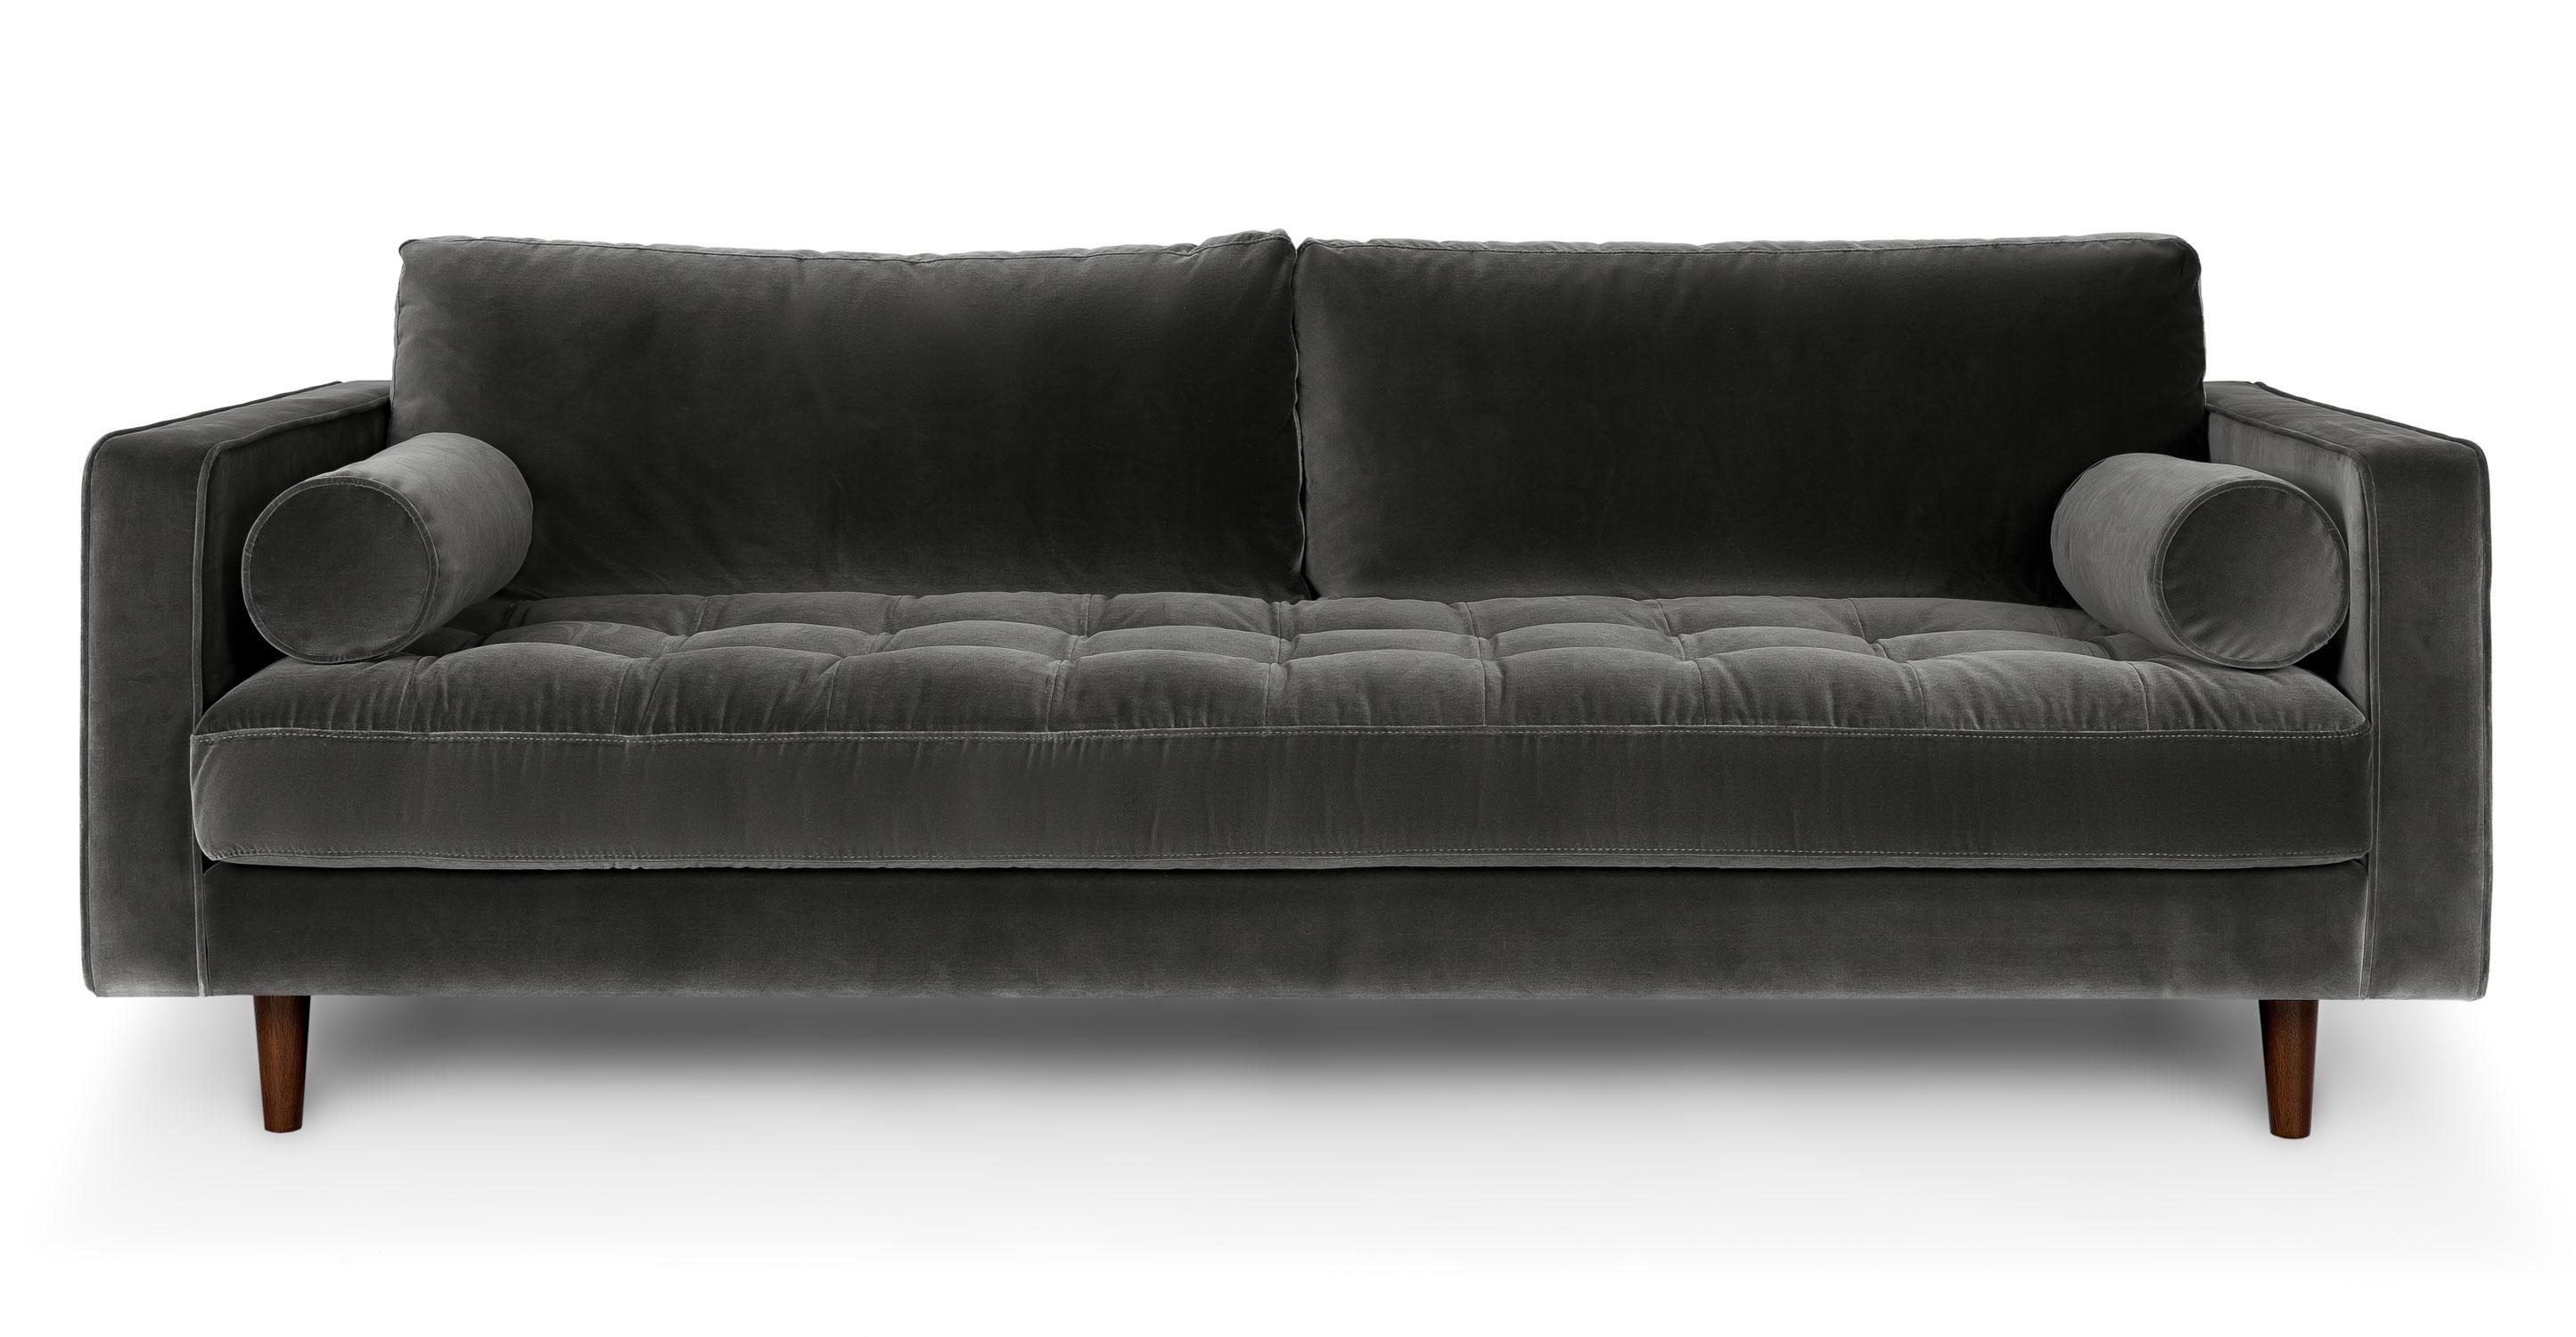 Inspirationen Retro Schnitt Couch Mobelde Com Grunes Sofa Bequemes Sofa Modernes Sofa